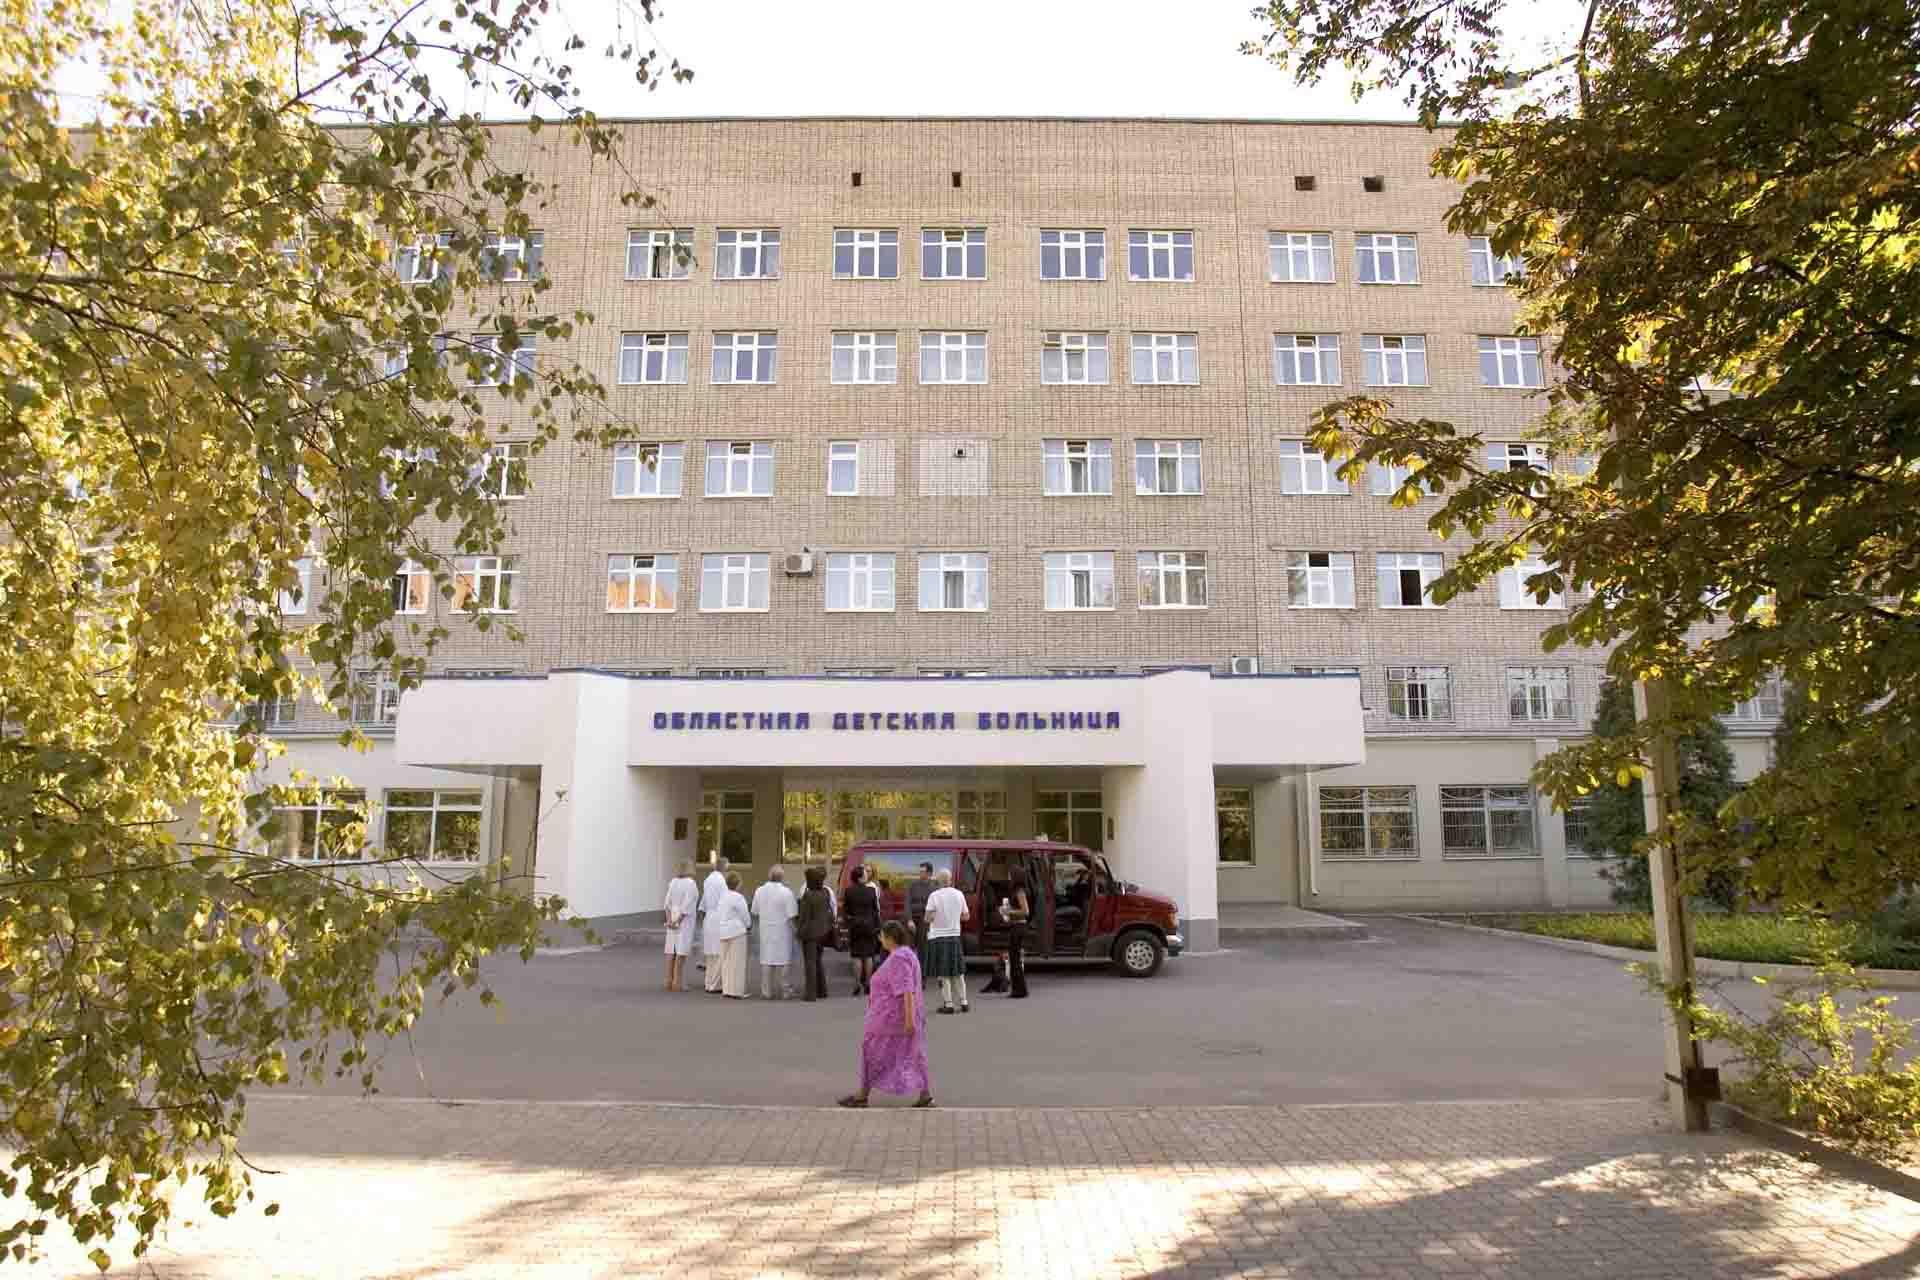 Почти 6,5 млн рублей выделят на ремонт зданий и оборудования медучреждений Ростовской области - фото 1